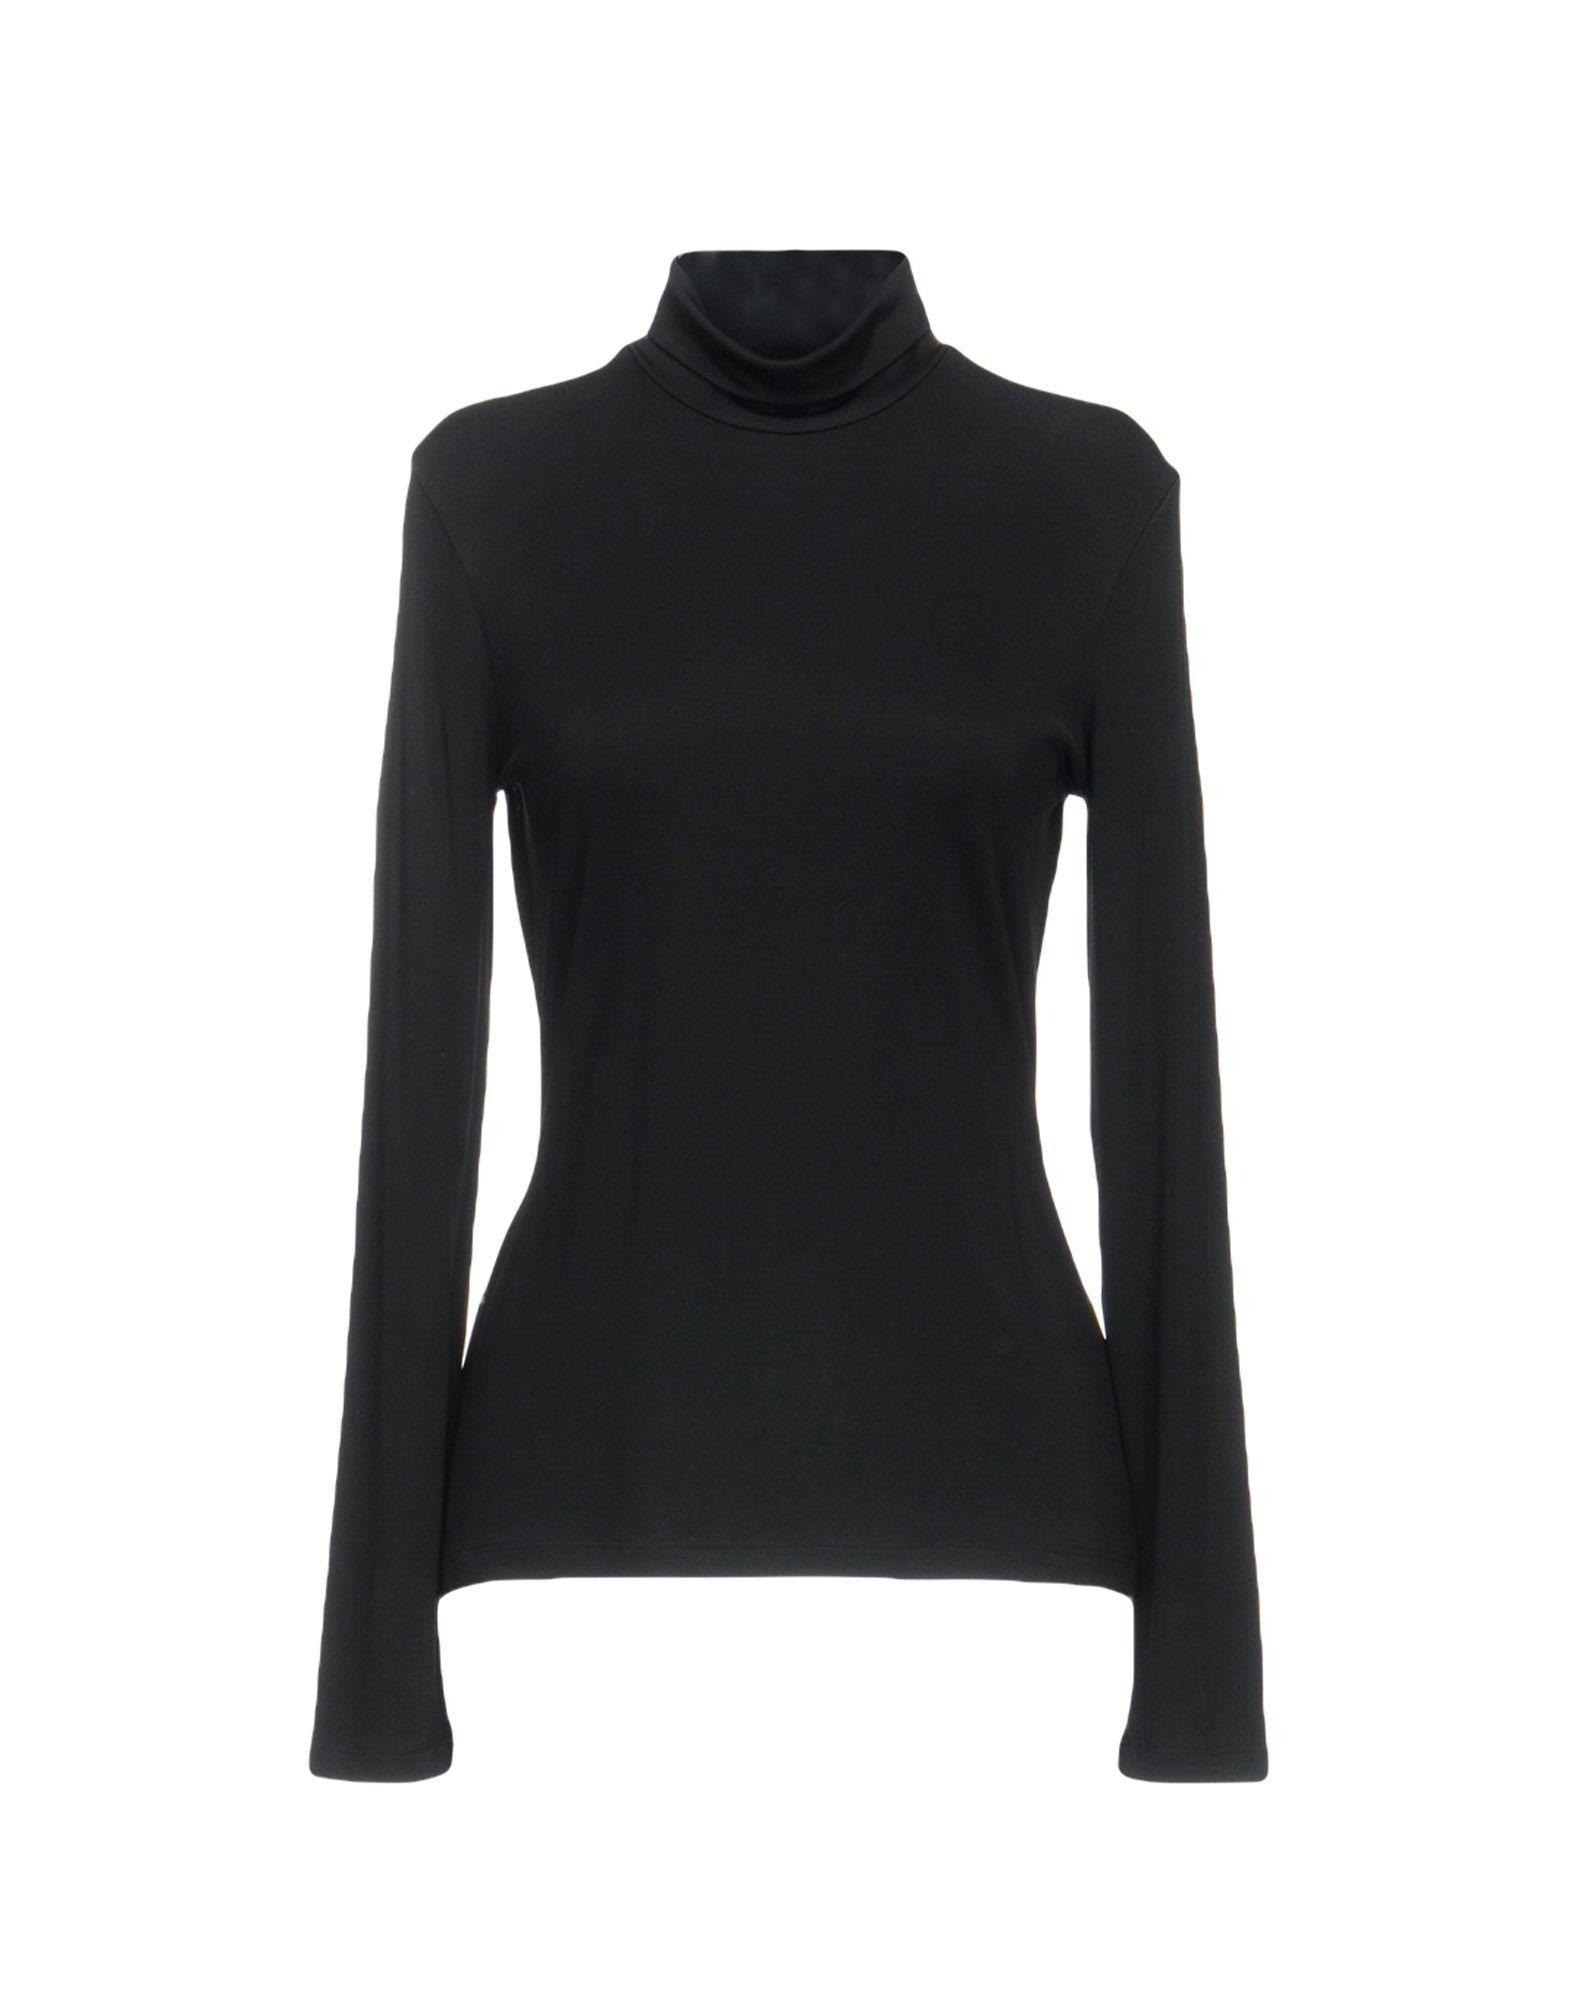 Boutique FemmesGivenchy Ligne En De T shirt UzMVpGqLS